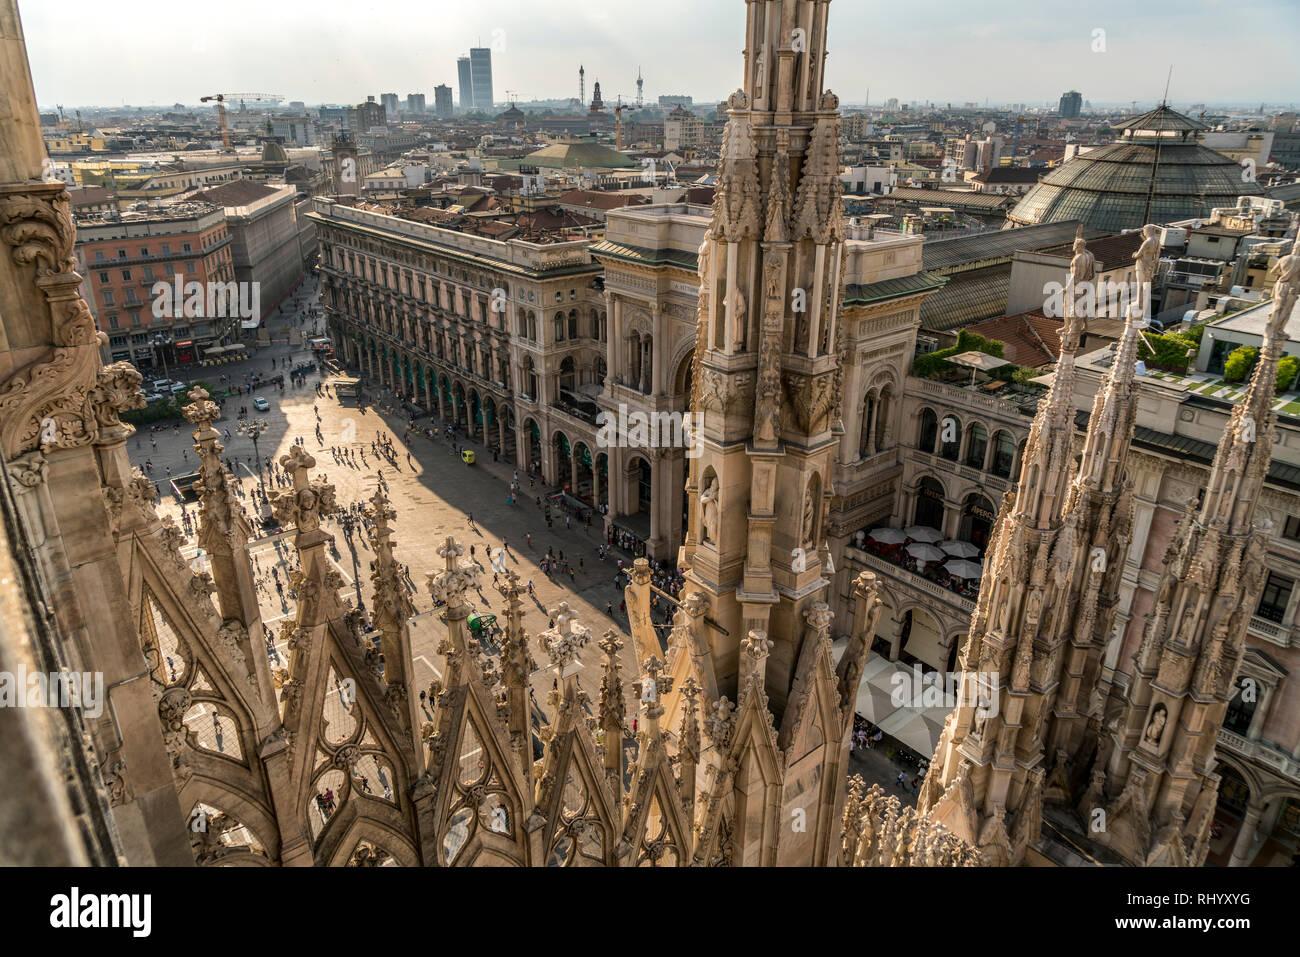 Blick vom Dach des Mailänder Dom auf die Piazza del Duomo, Mailand, Lombardei, Italien  |  view from Milan Cathedral roof to Piazza del Duomo, Milan,  - Stock Image